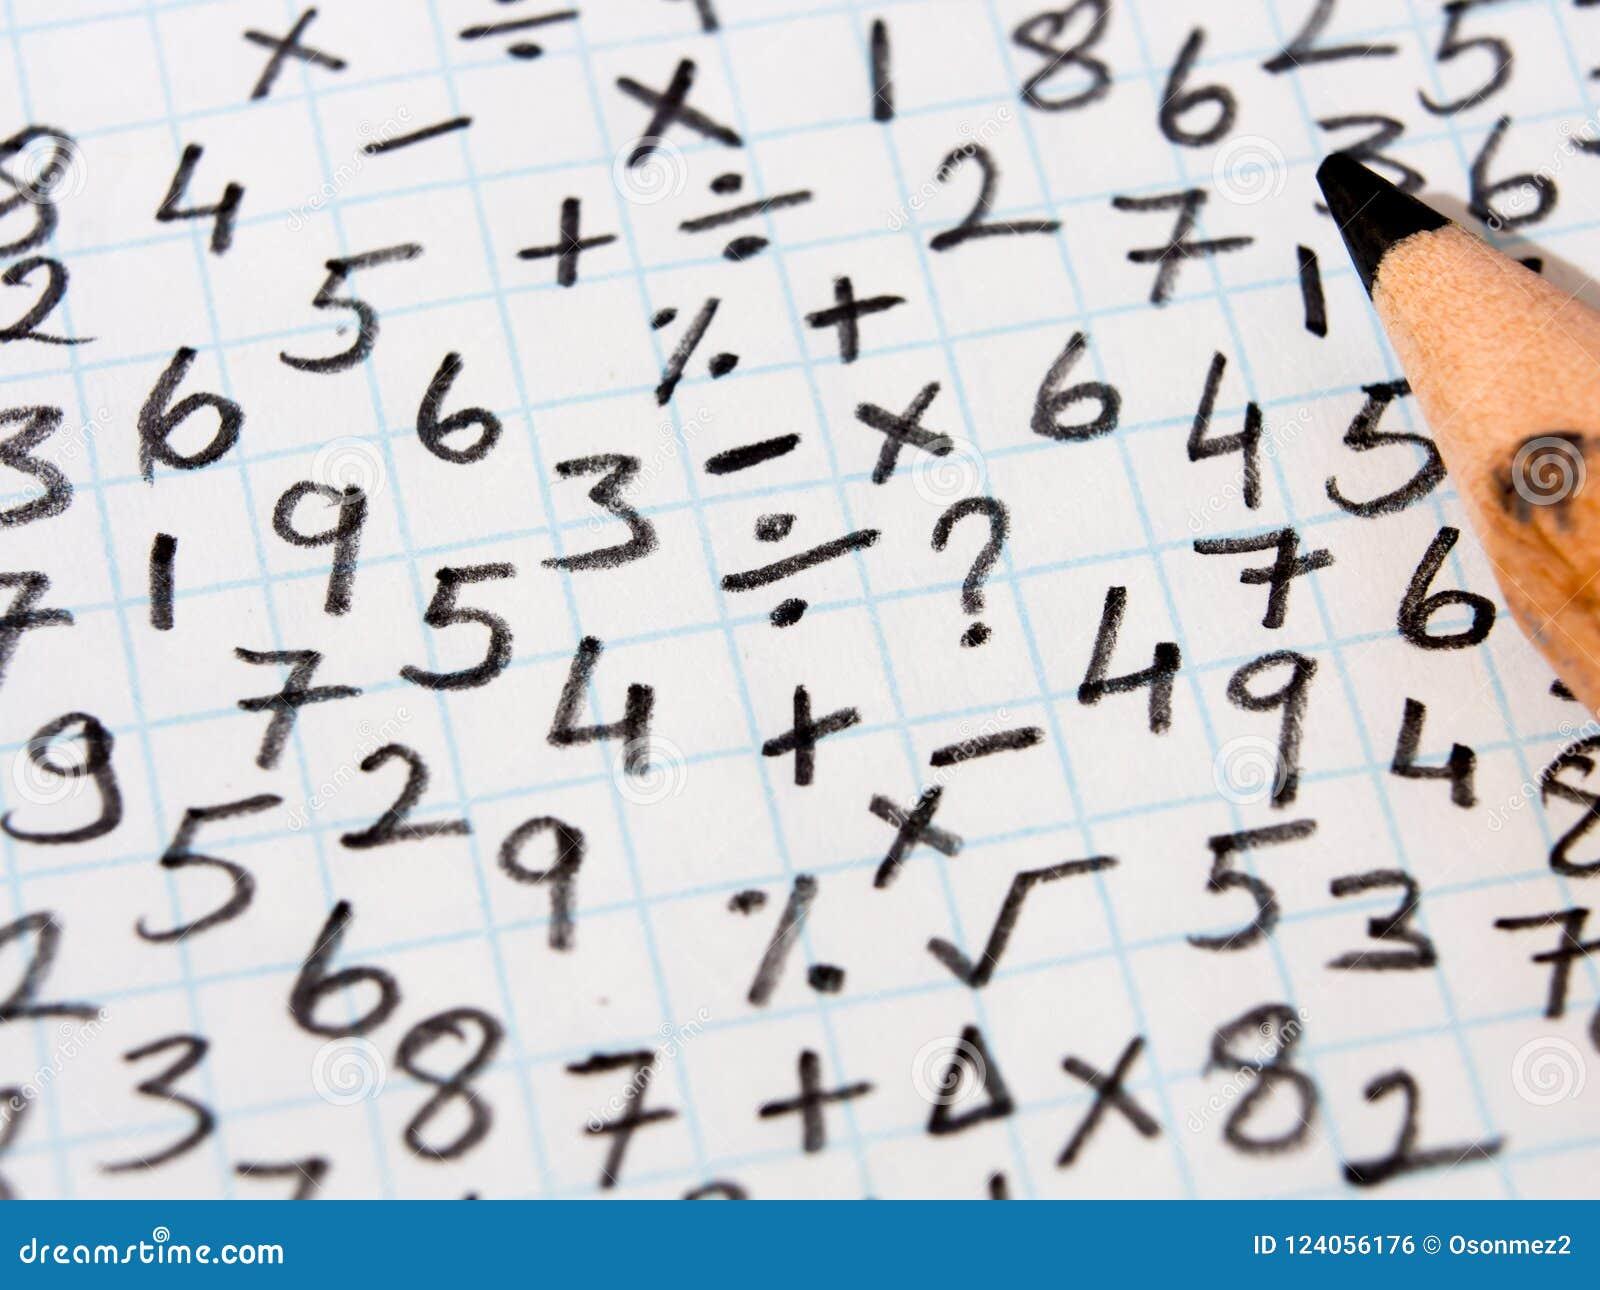 数学符号和解决问题